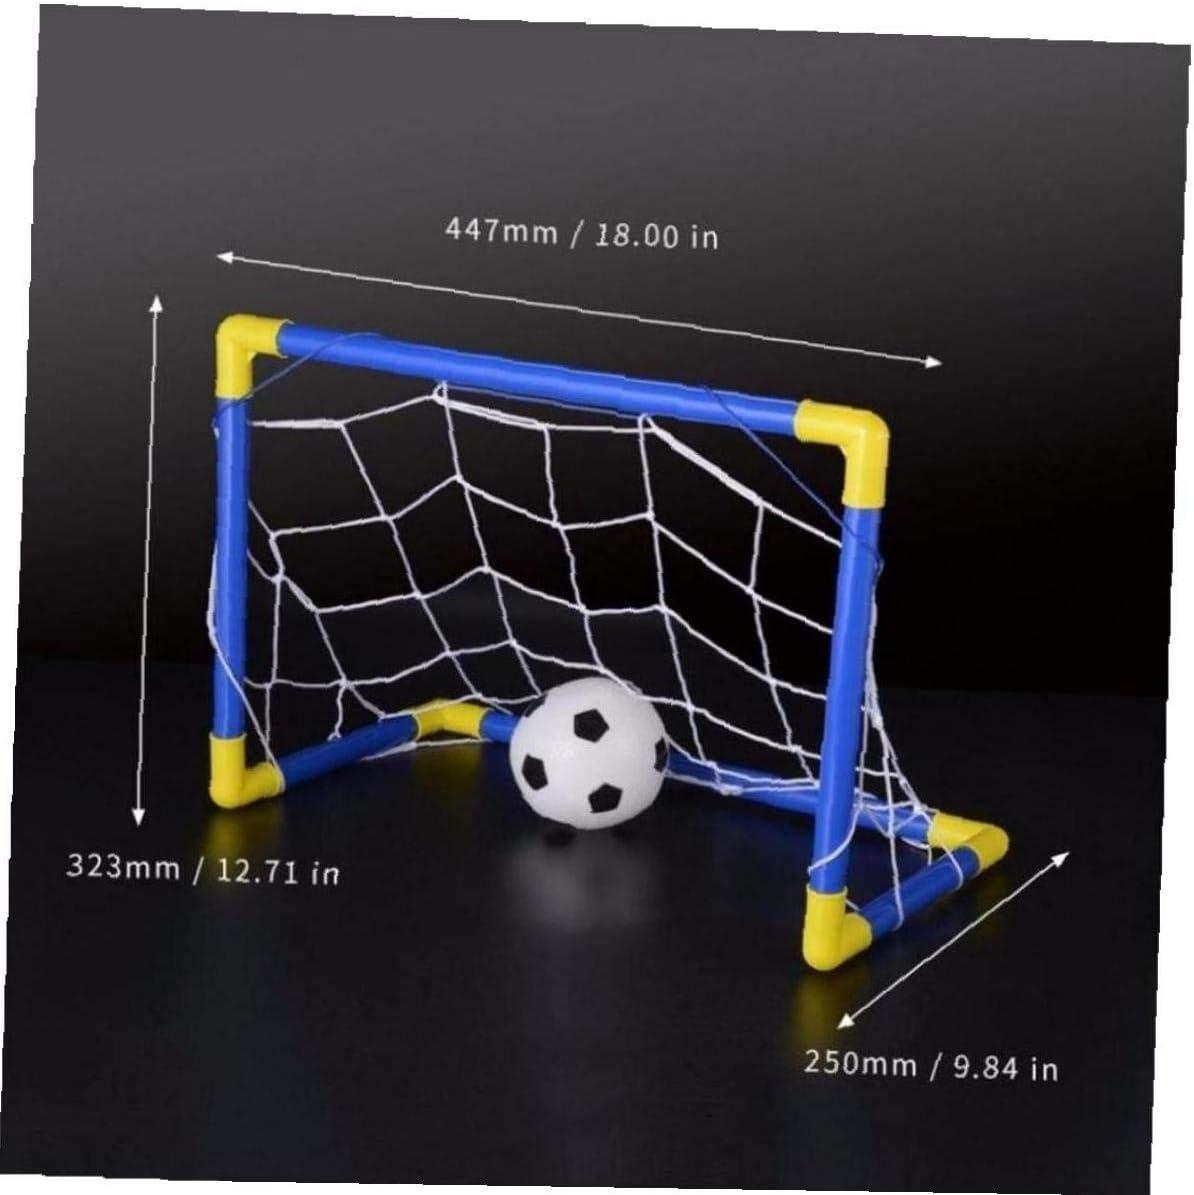 Pump Enfants Sport Jeux dint/érieur Jouets dext/érieur pour Enfants Cadeau danniversaire en Plastique Amoyer Folding Mini Football Ballon de Football Goal Post Filets